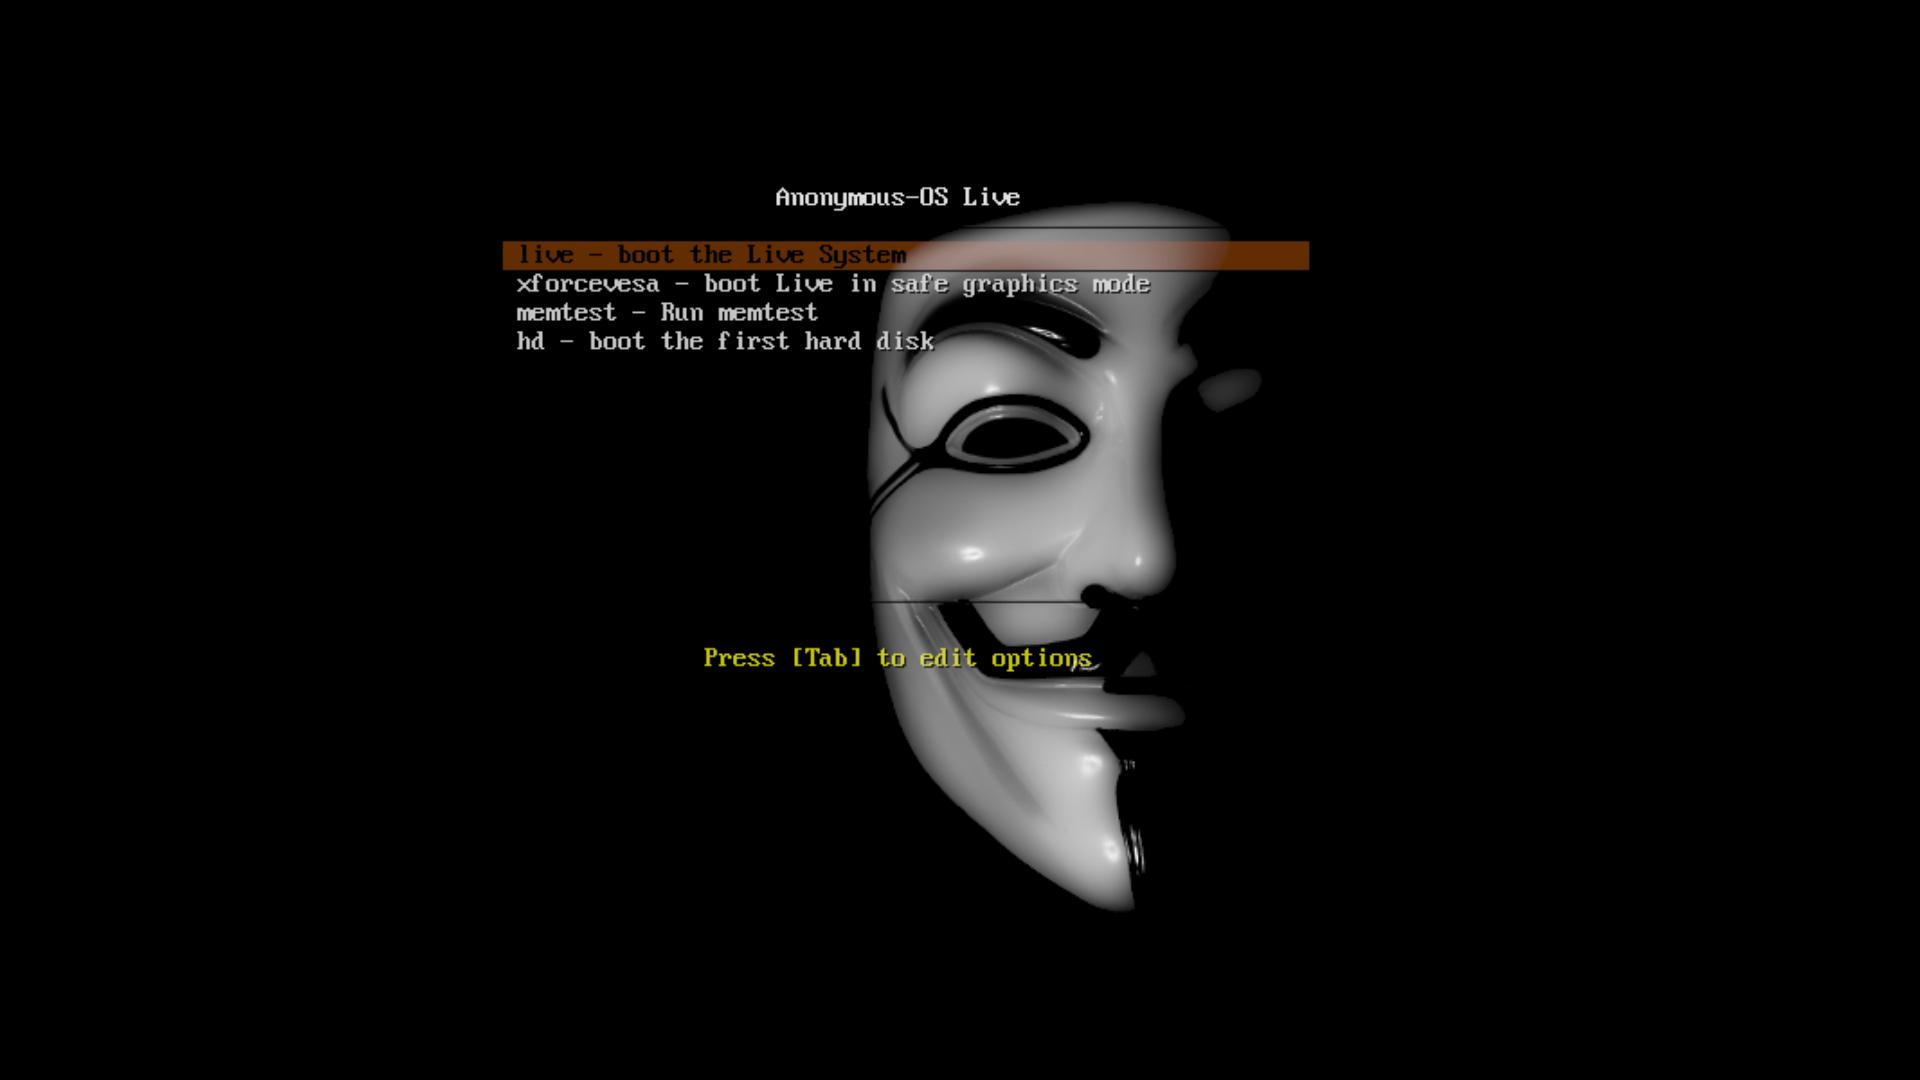 Anonymous OS Live CD Based on Ubuntu is Fake 1920x1080